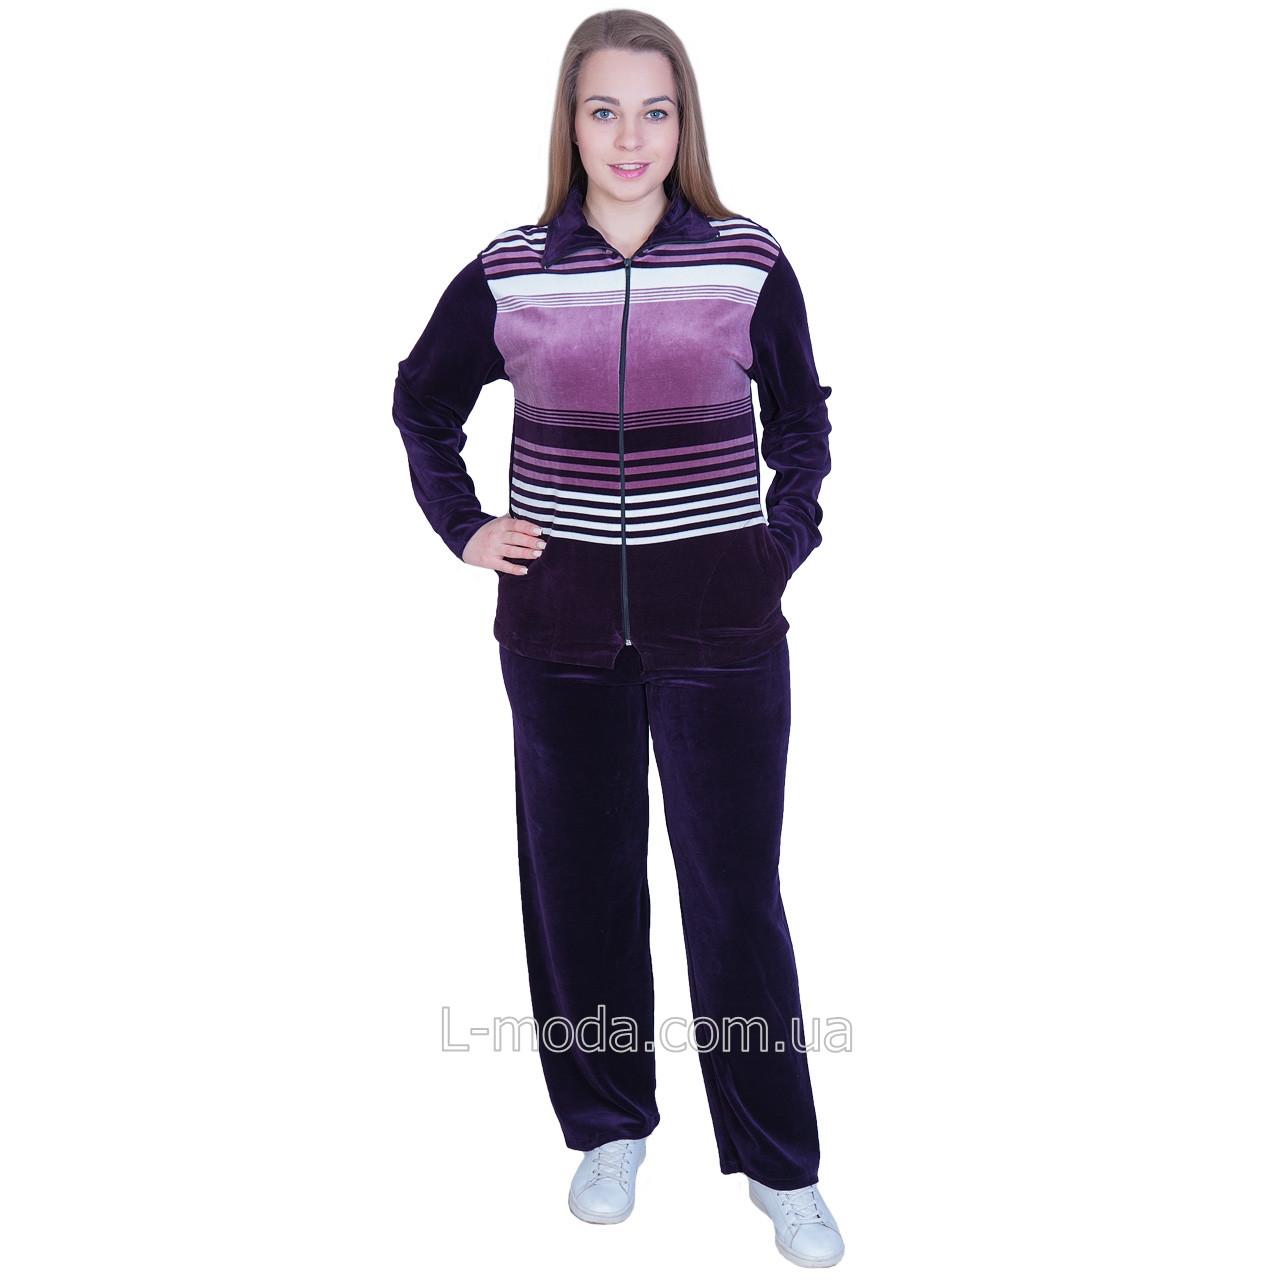 Спортивный костюм женский велюровый с полосками